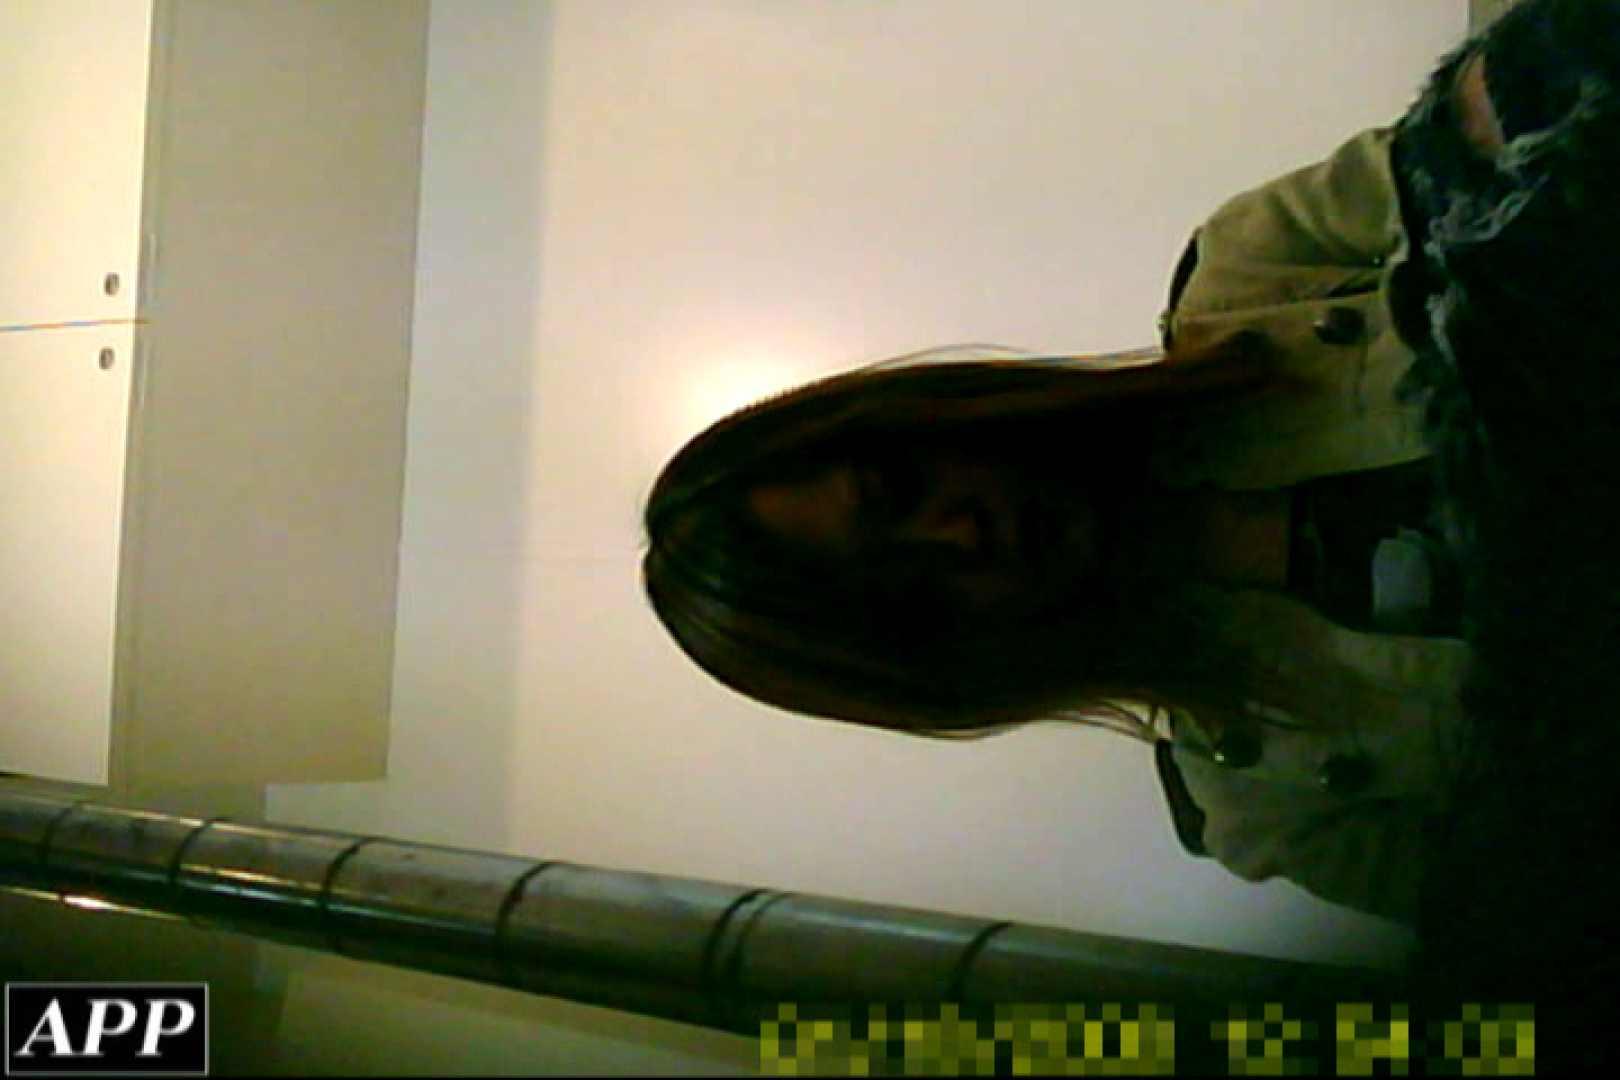 3視点洗面所 vol.128 モロだしオマンコ 隠し撮りオマンコ動画紹介 102pic 76